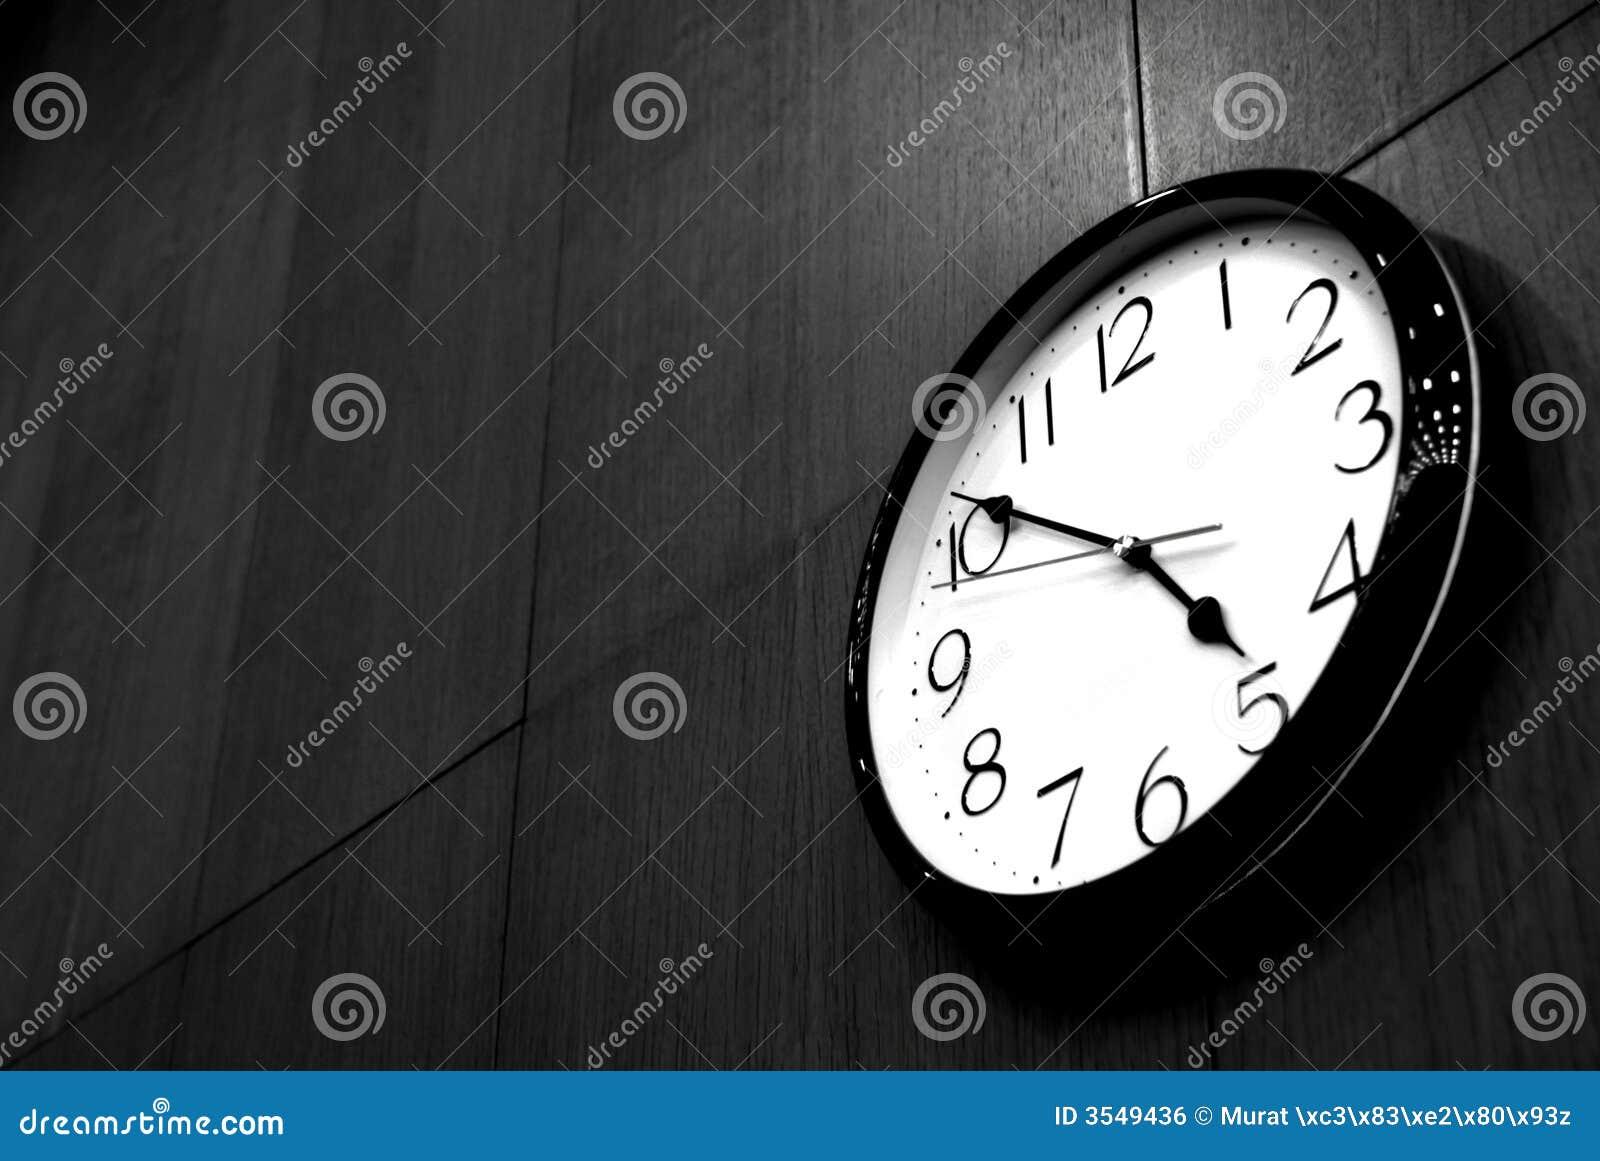 Koniec czasu działania